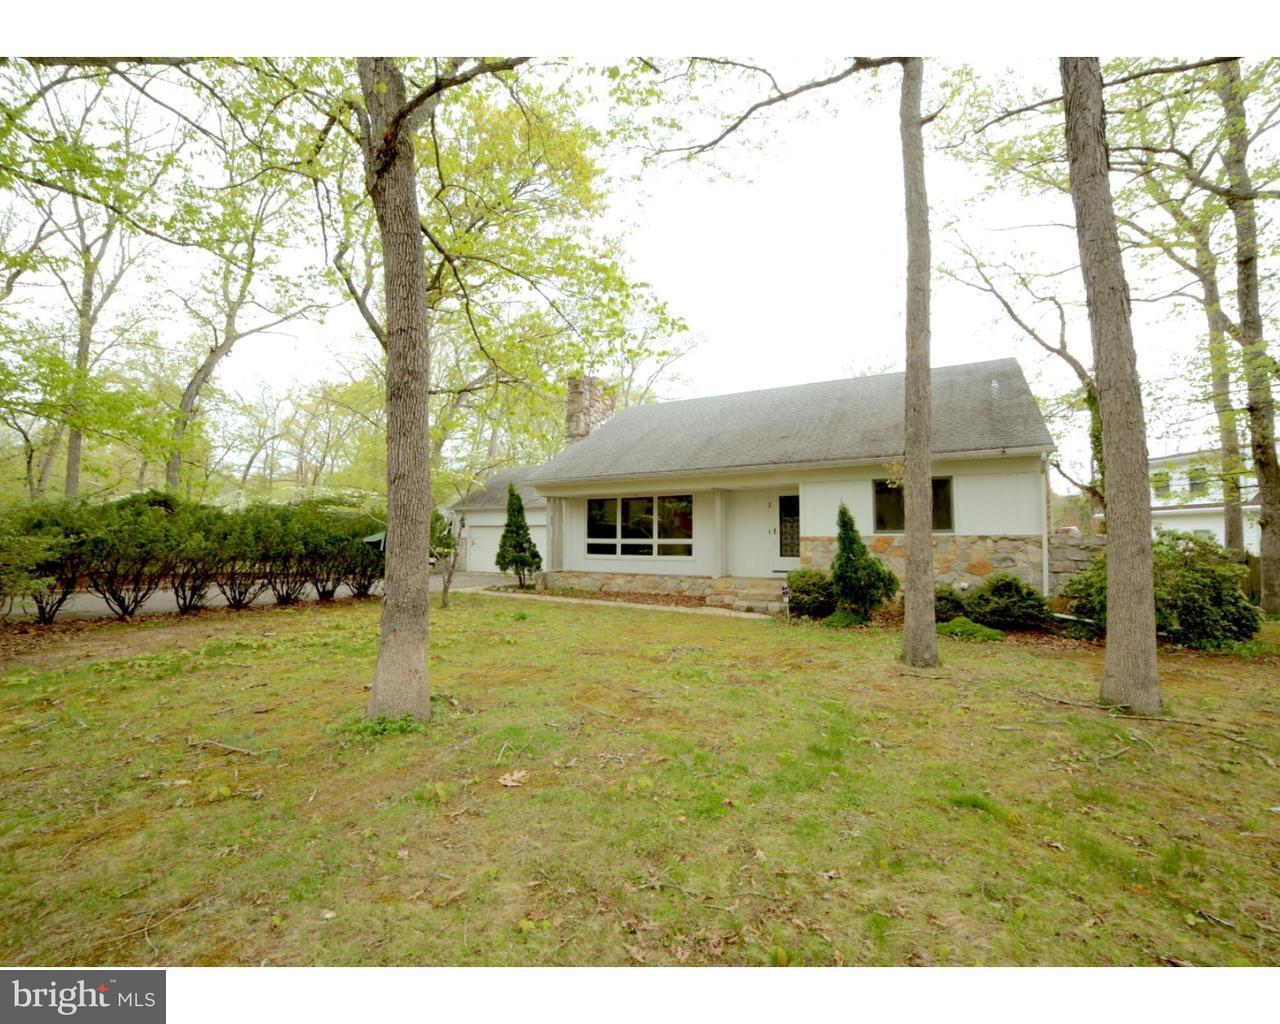 一戸建て のために 売買 アット 1 PECAN Lane Browns Mills, ニュージャージー 08015 アメリカ合衆国